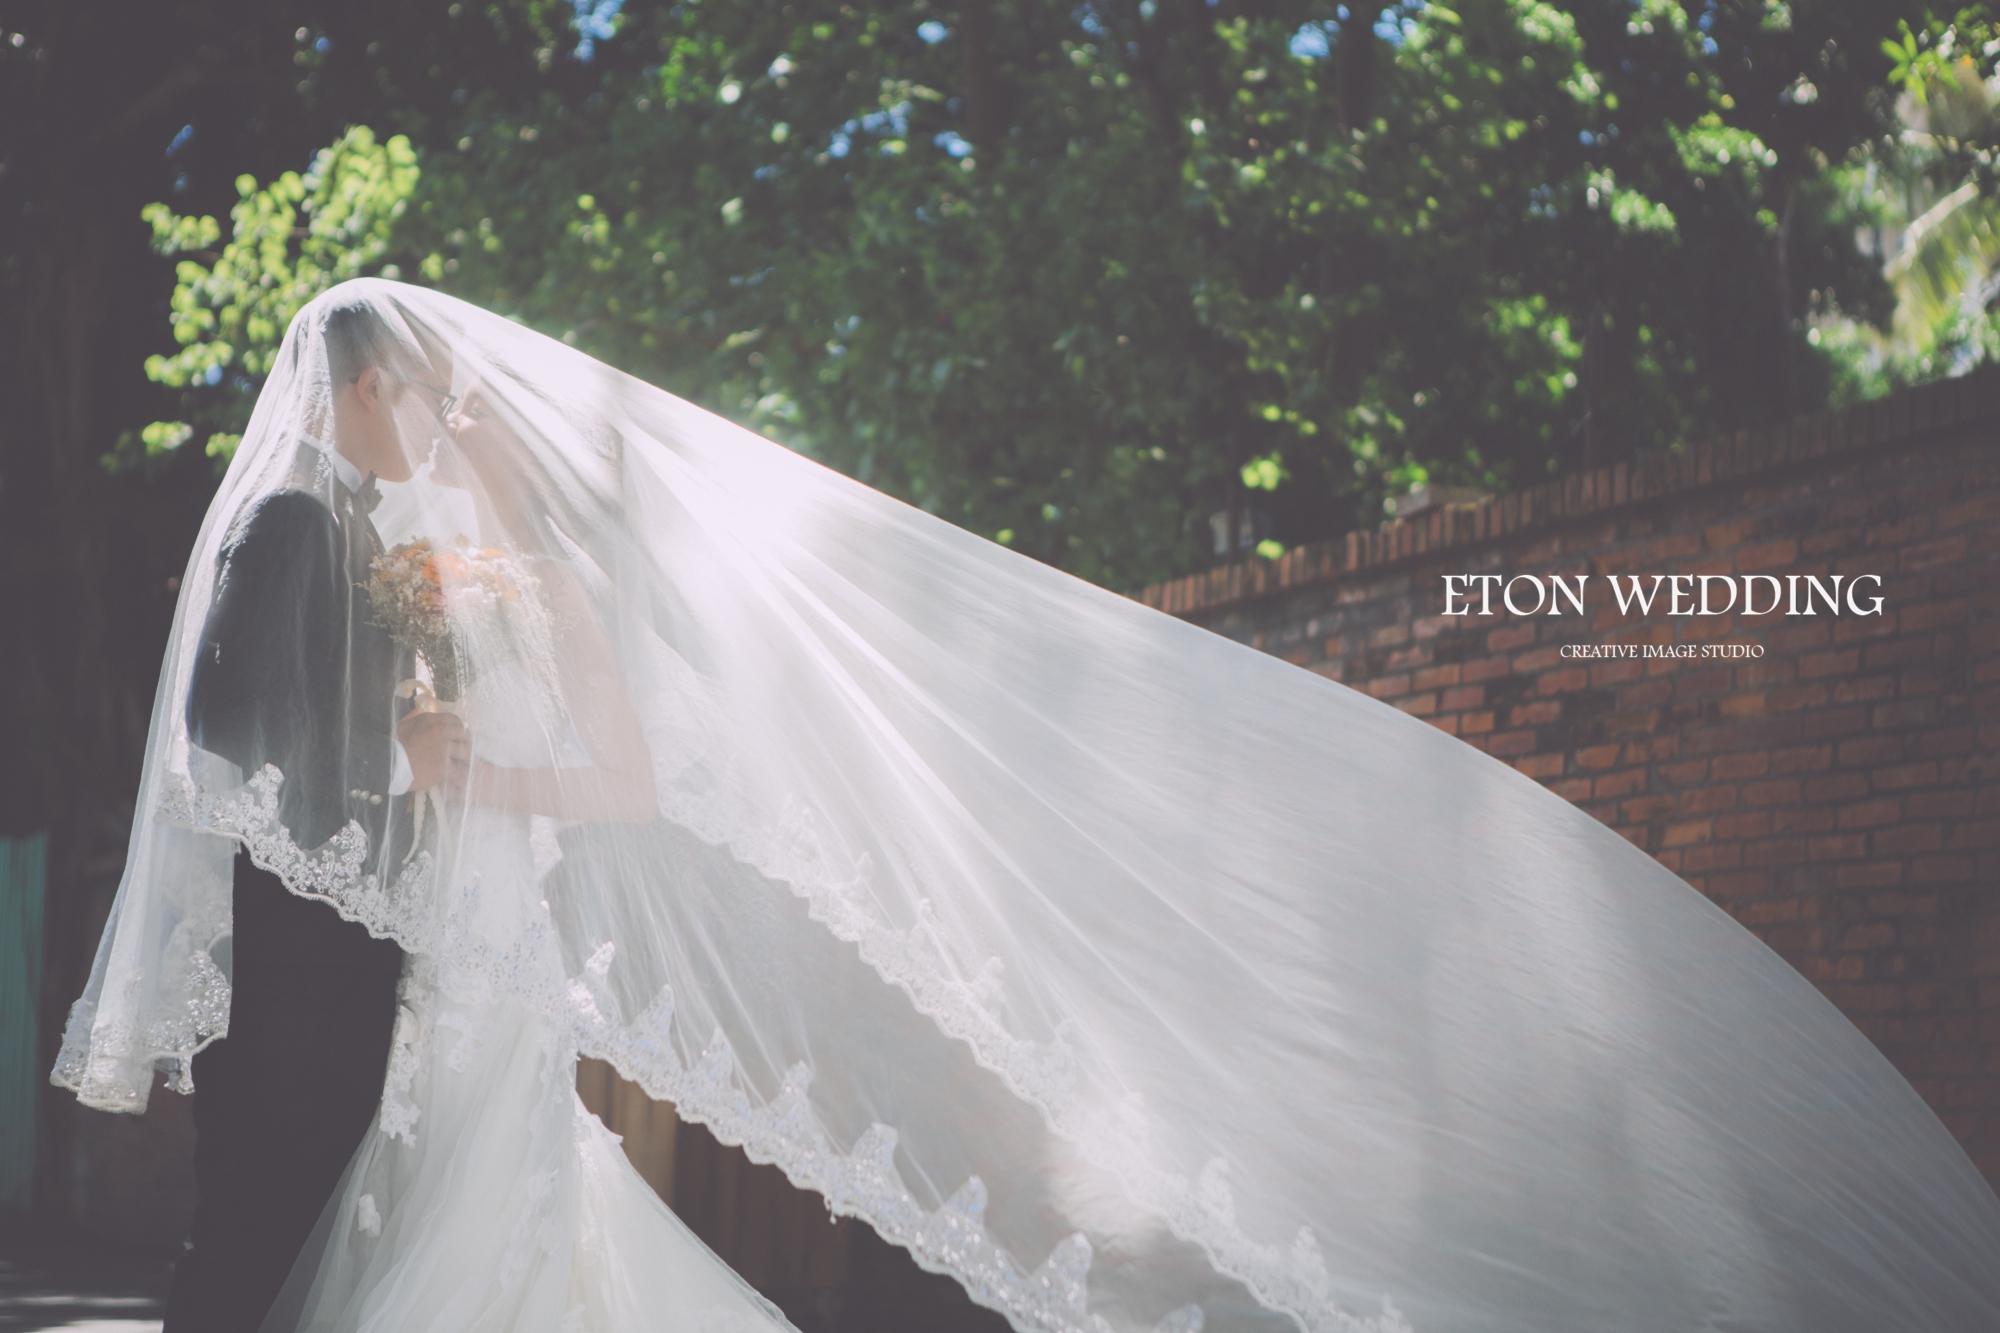 婚紗工作室,婚紗店,婚紗攝影,自助婚紗,婚紗照,婚紗包套,婚紗工作室推薦,婚紗店推薦